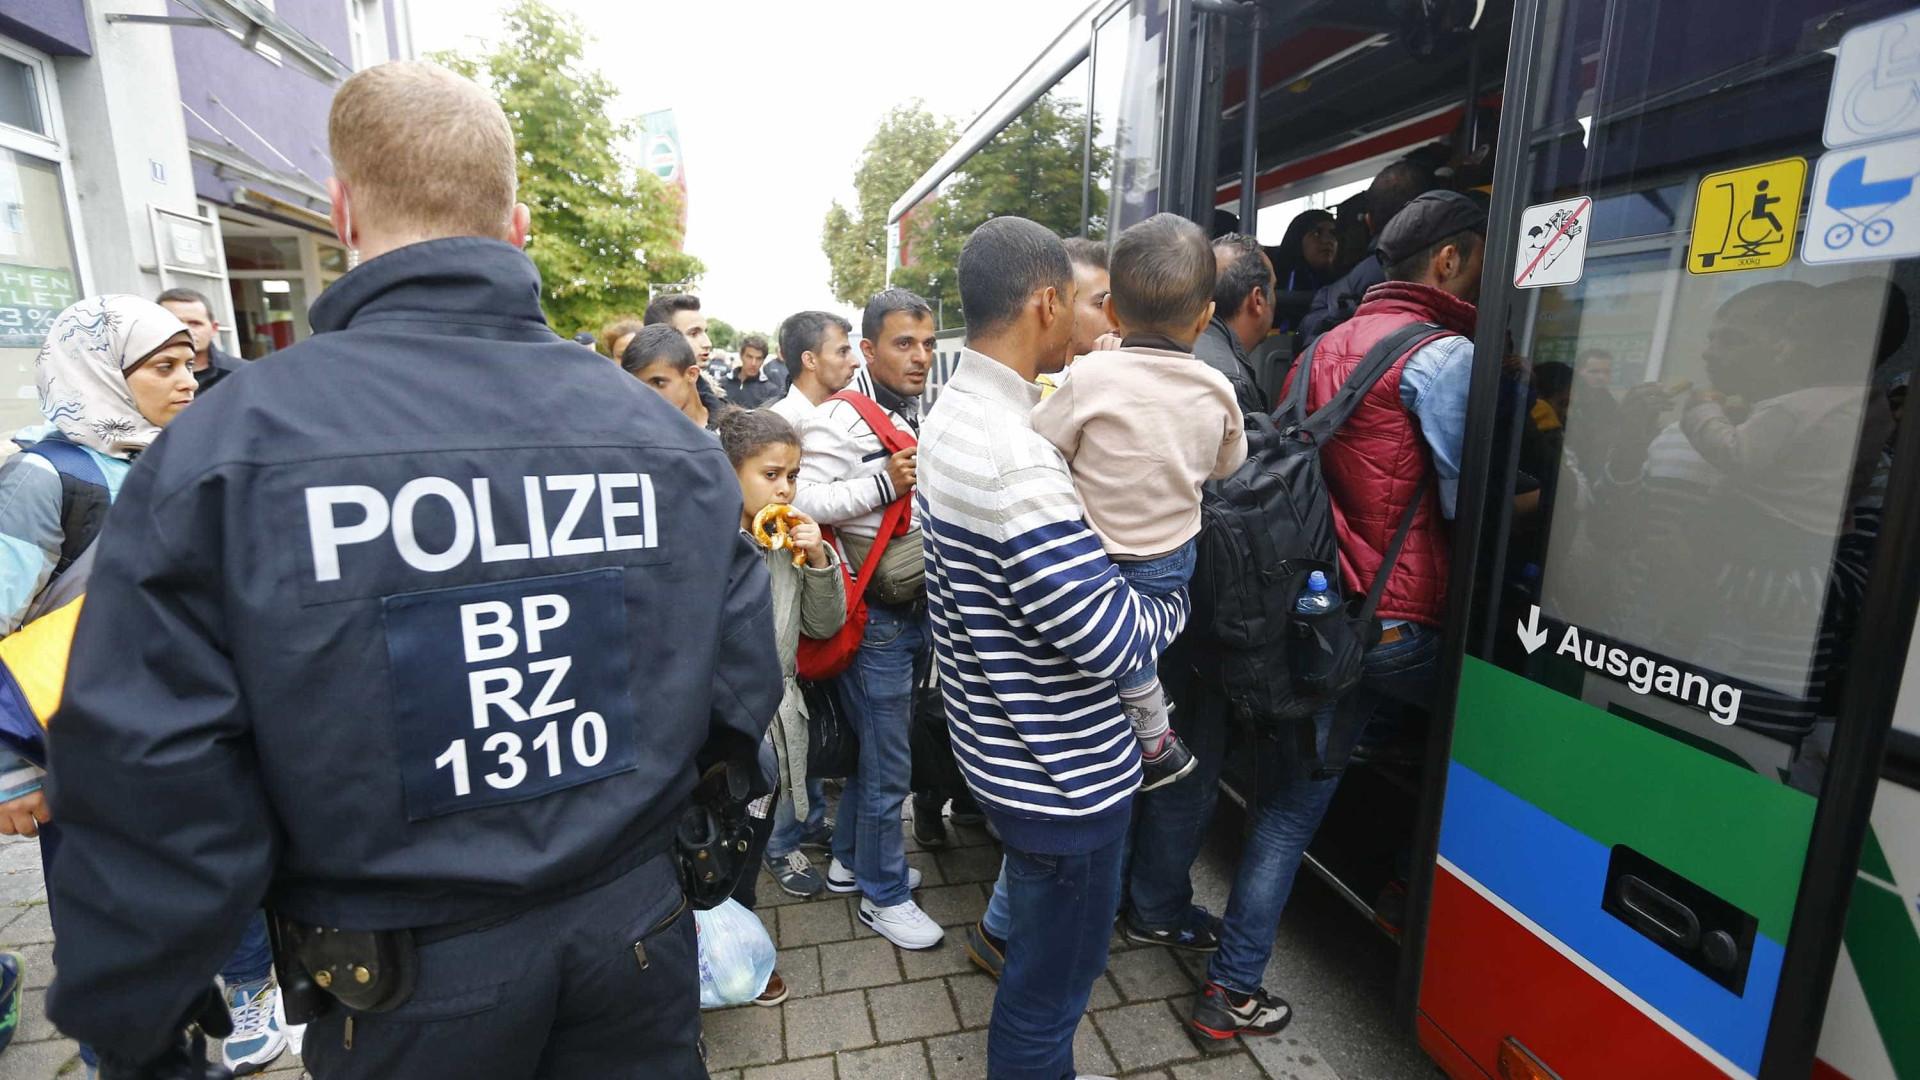 Secretária-geral da CDU propõe restrições à entrada de migrantes